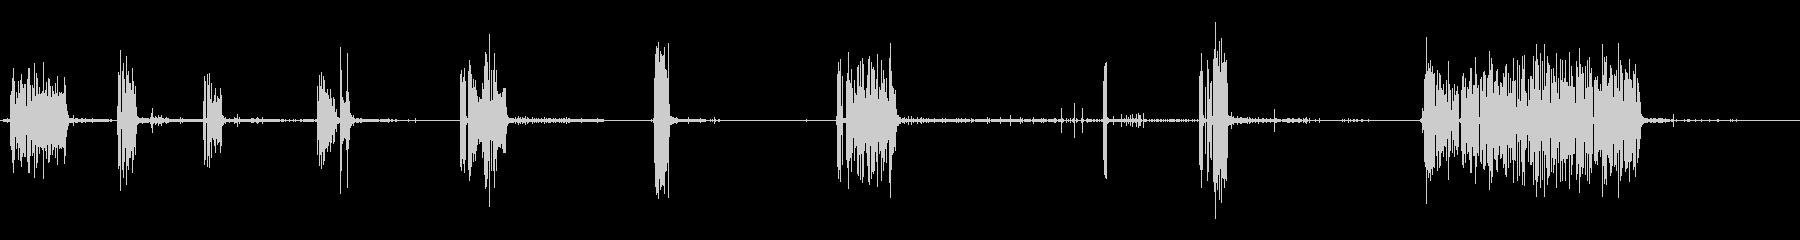 アーク溶接機:さまざまな短いアークと火花の未再生の波形